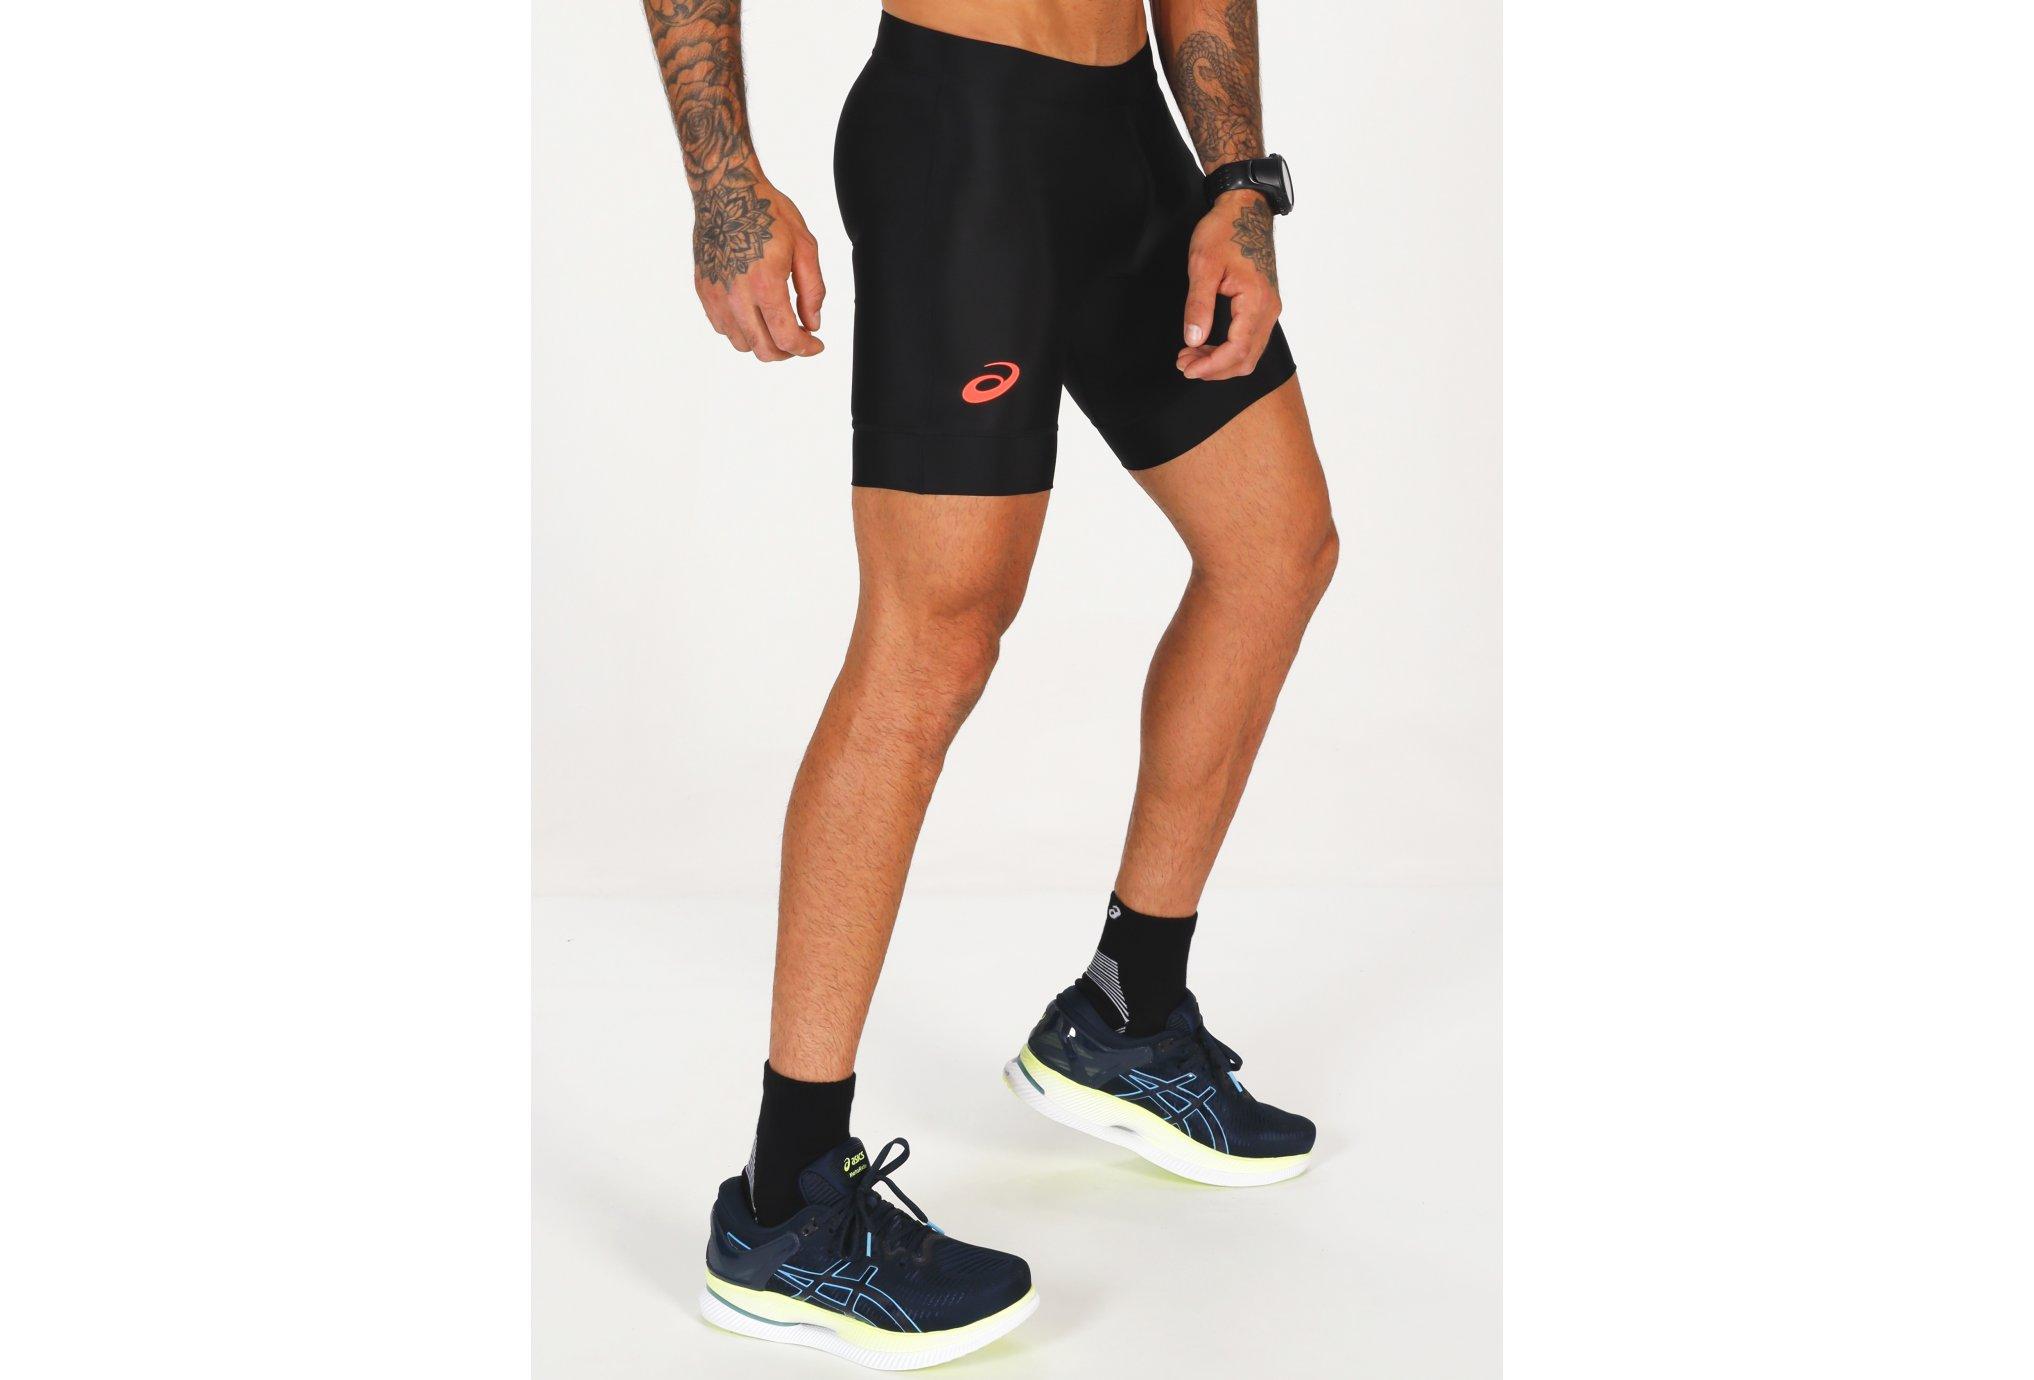 Asics Sprinter M Diététique Vêtements homme